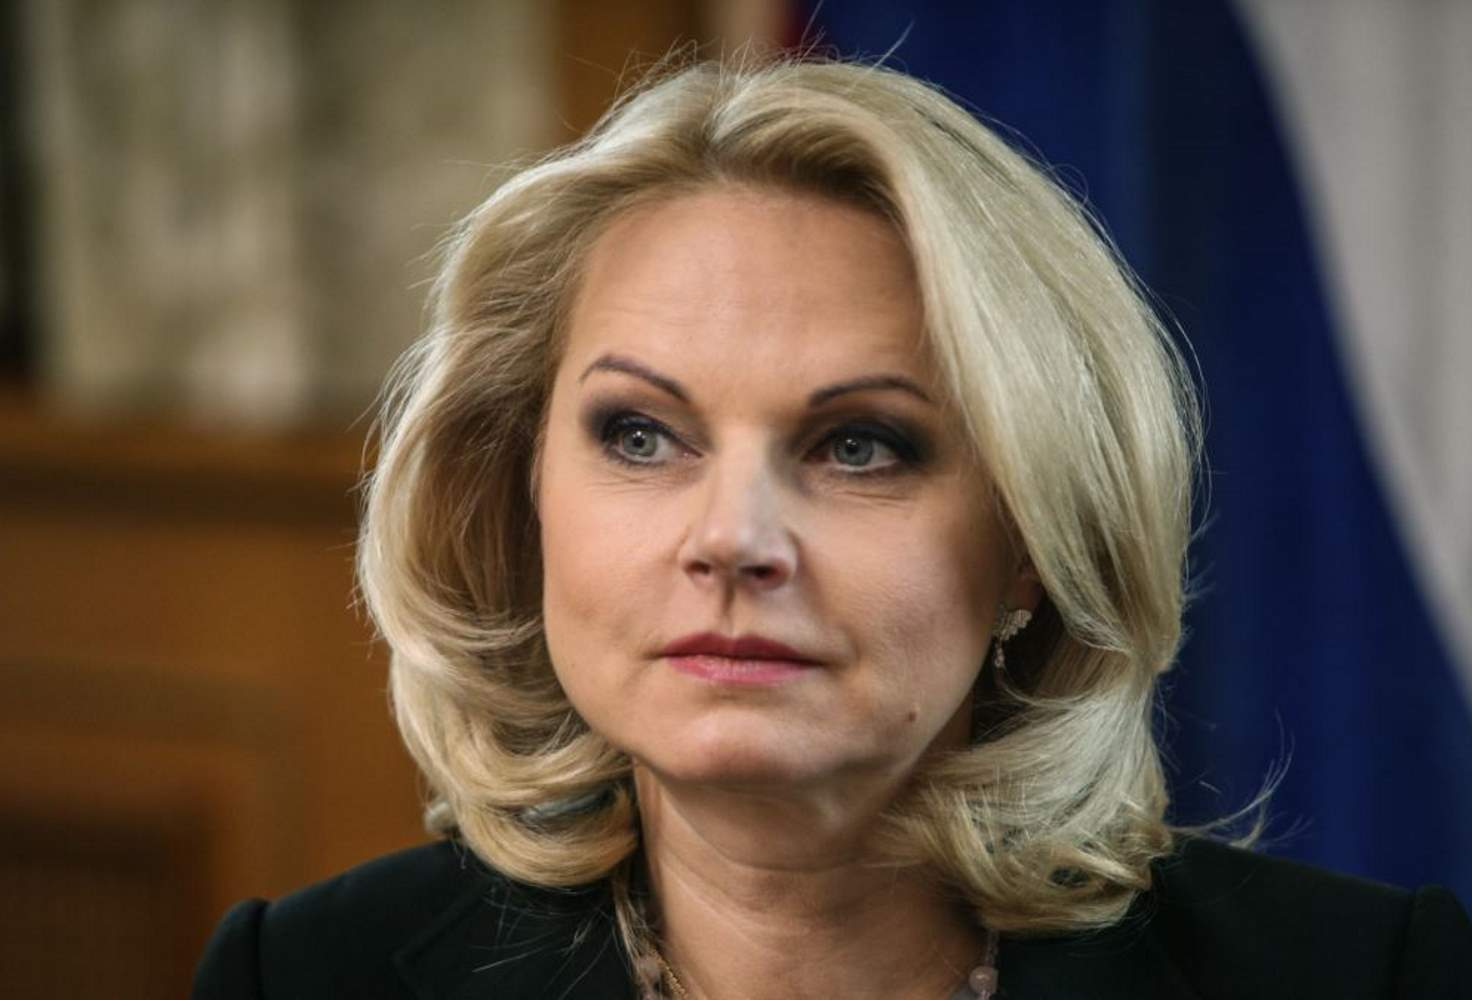 pravitelstvo-rossii-vydelit-800-milliardov-rublej-na-razvitie-obrazovaniya